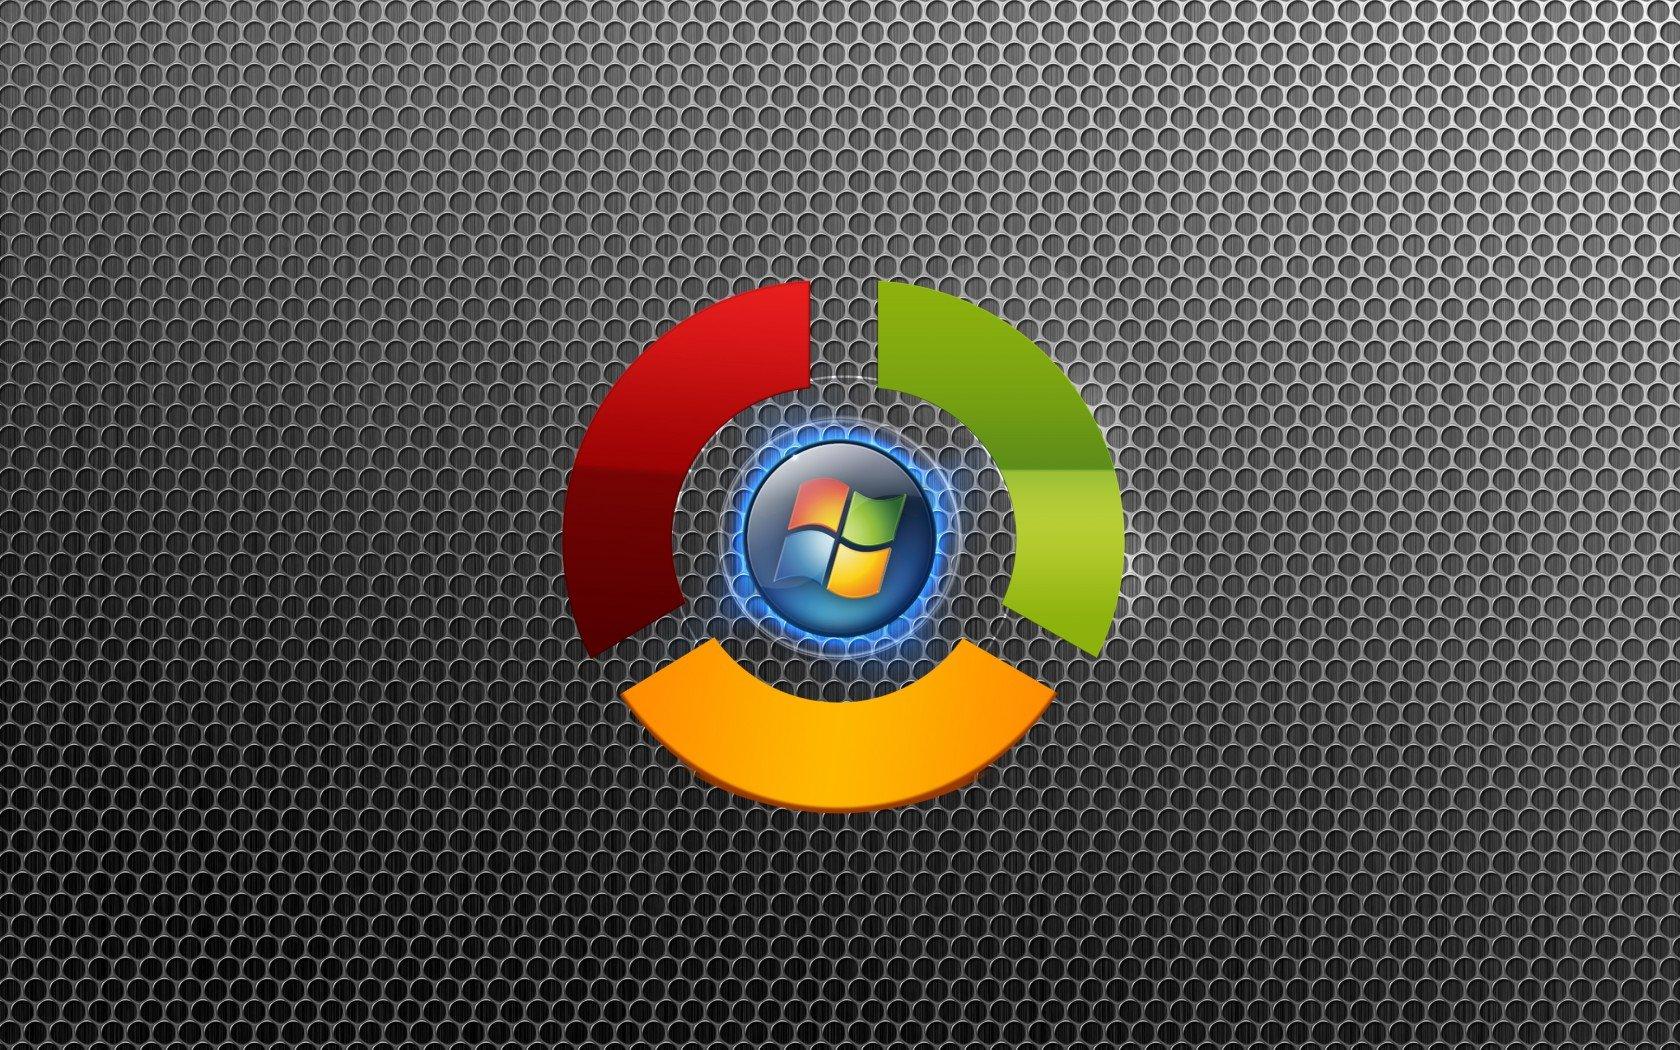 Dati tecnici 1680 1050 pixelJPG653 KB 1680x1050